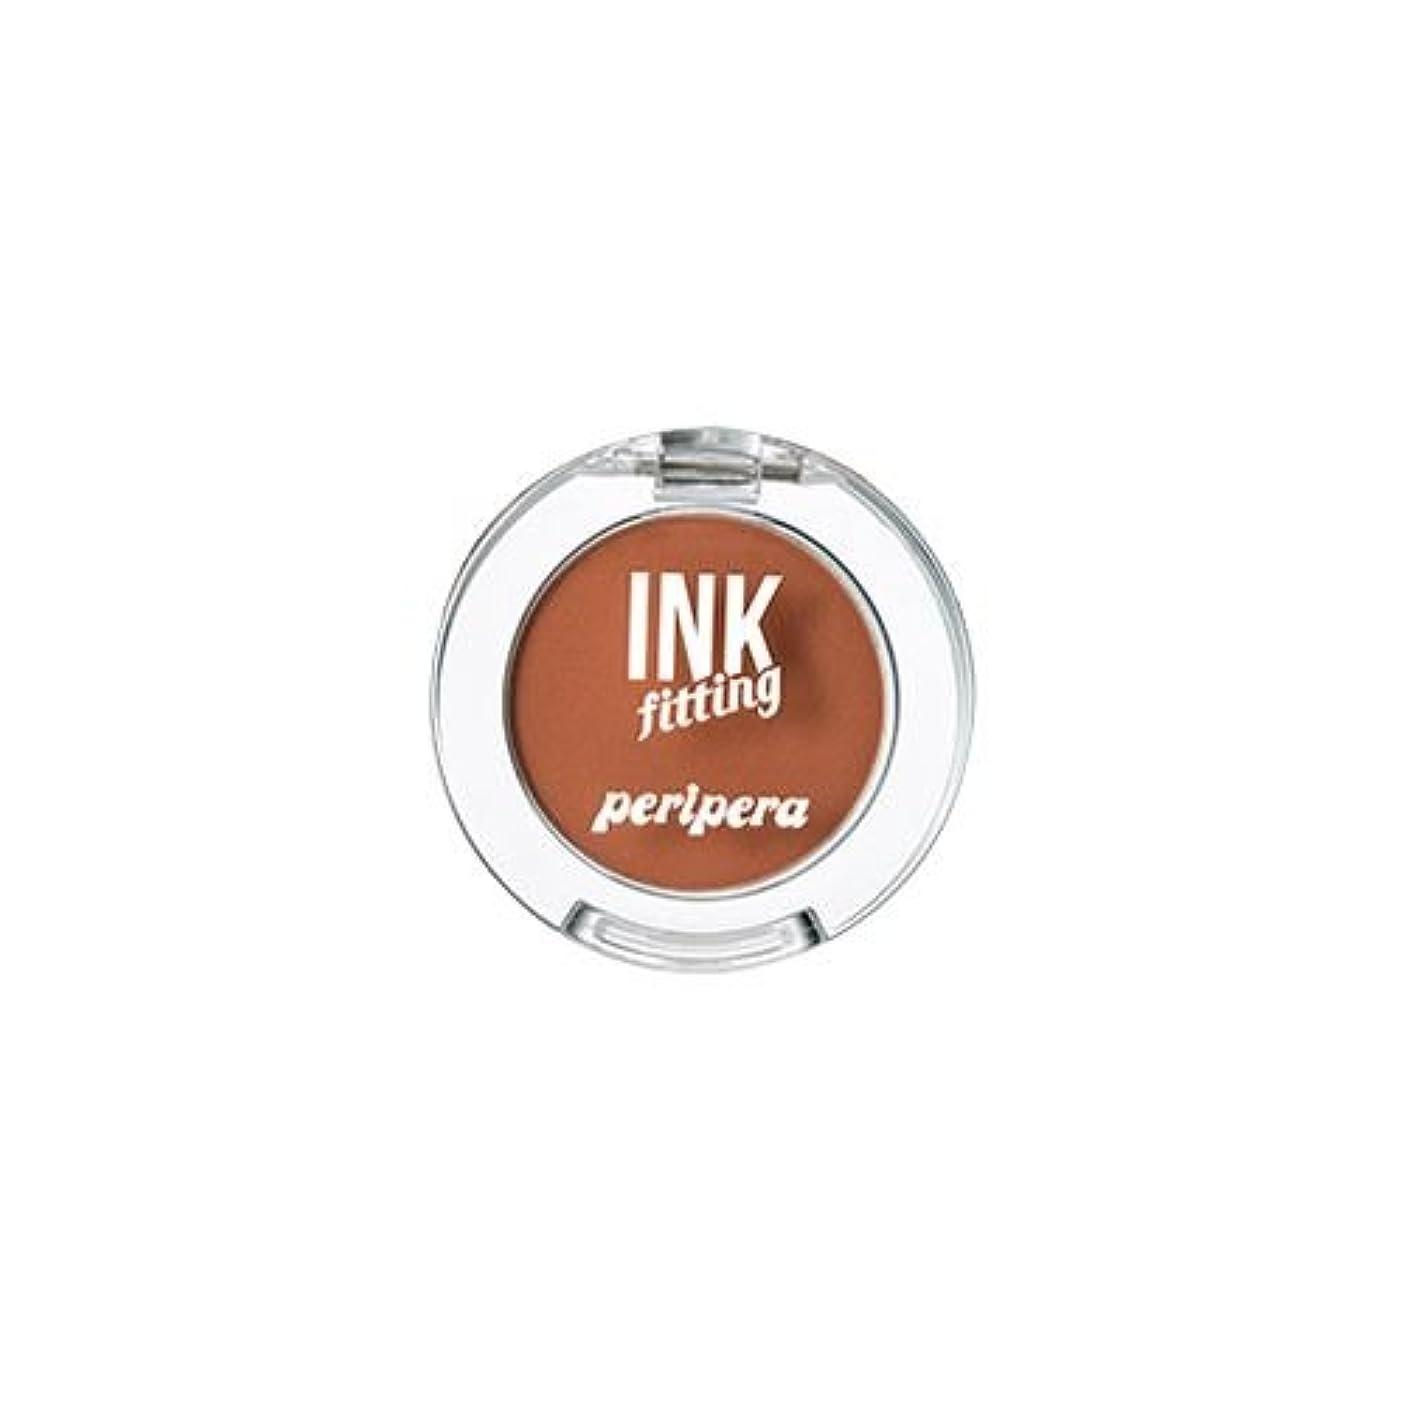 かもしれないコンサートゴールデン[New] peripera Ink Fitting Shadow/ペリペラ インク フィッティング シャドウ (#5 Gracefully) [並行輸入品]